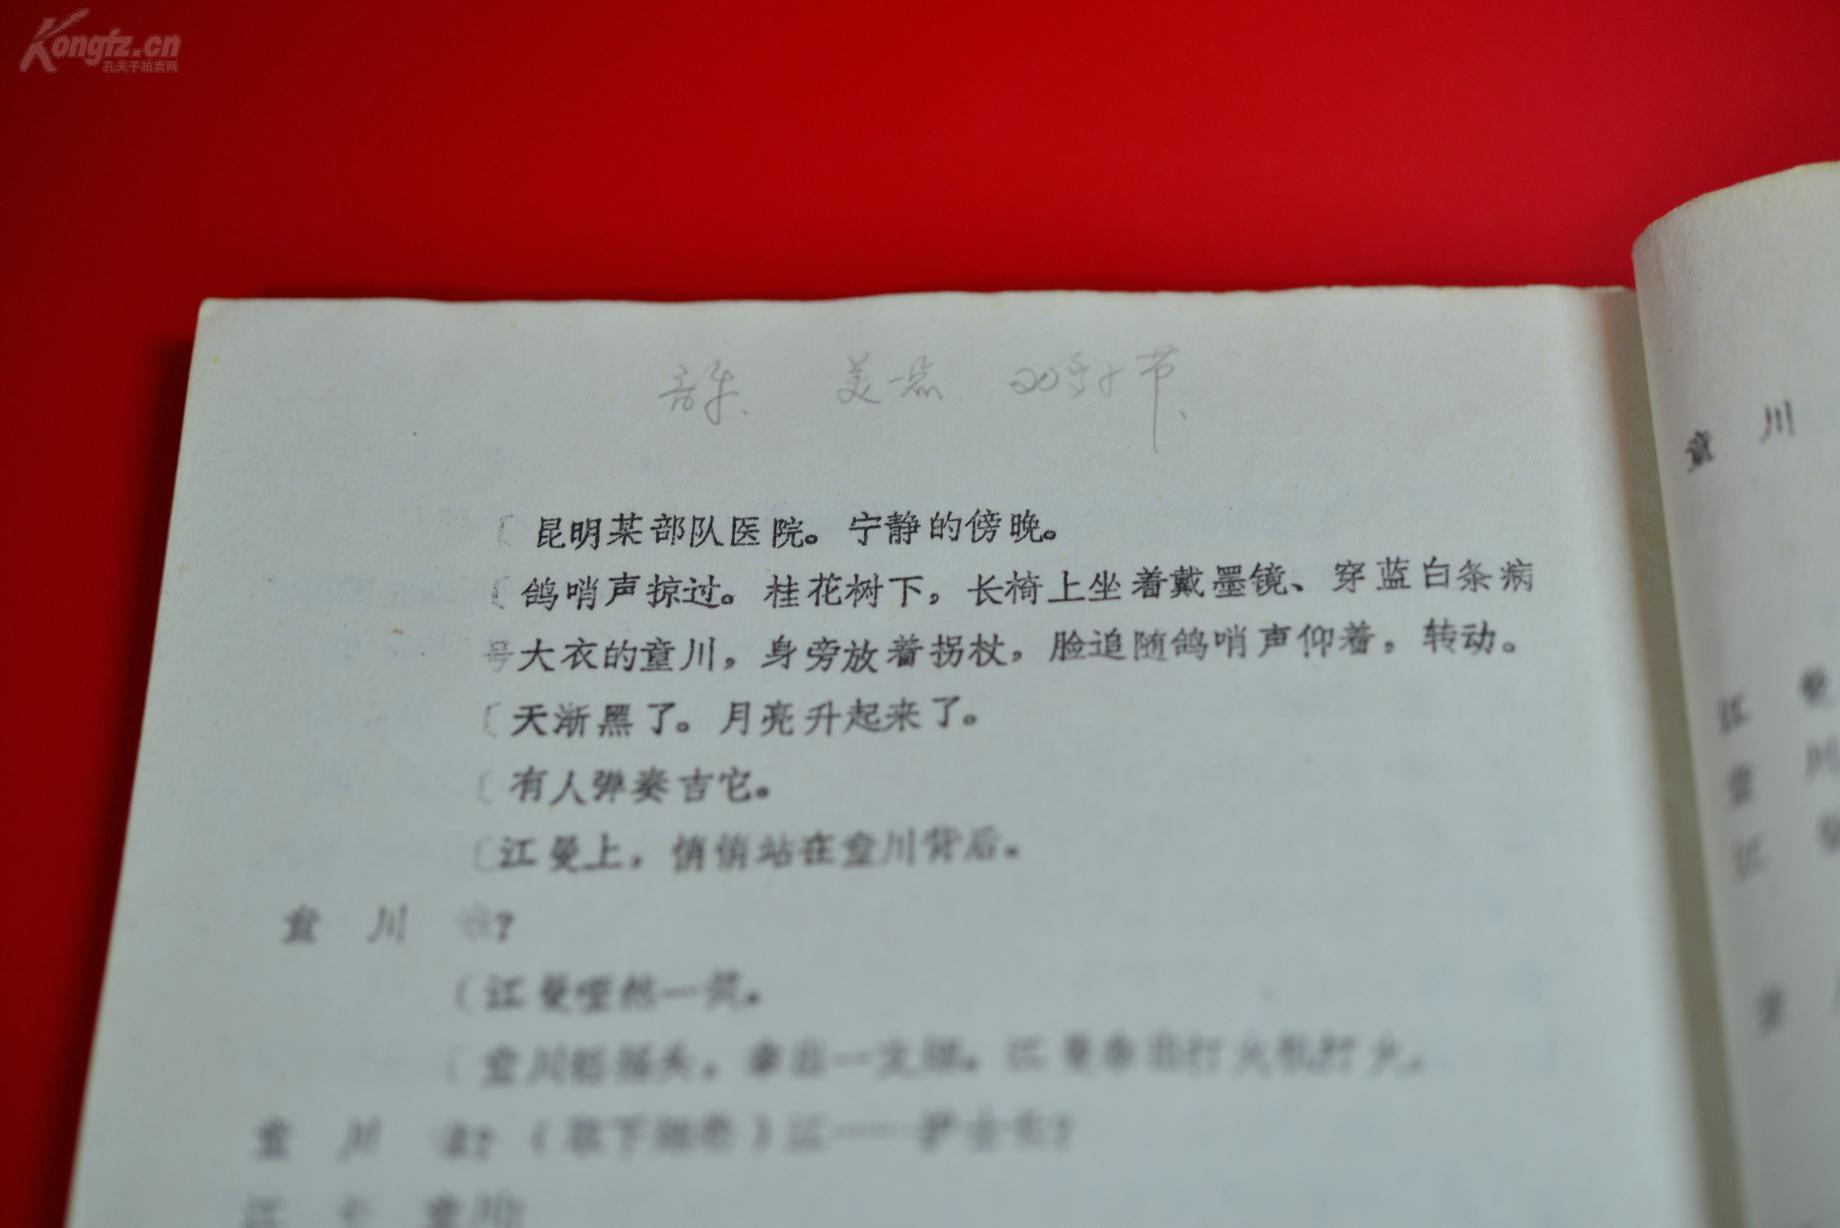 凯旋在子夜剧本韩静霆空政文工团电视剧部编剧1986王新军最新电视剧图片